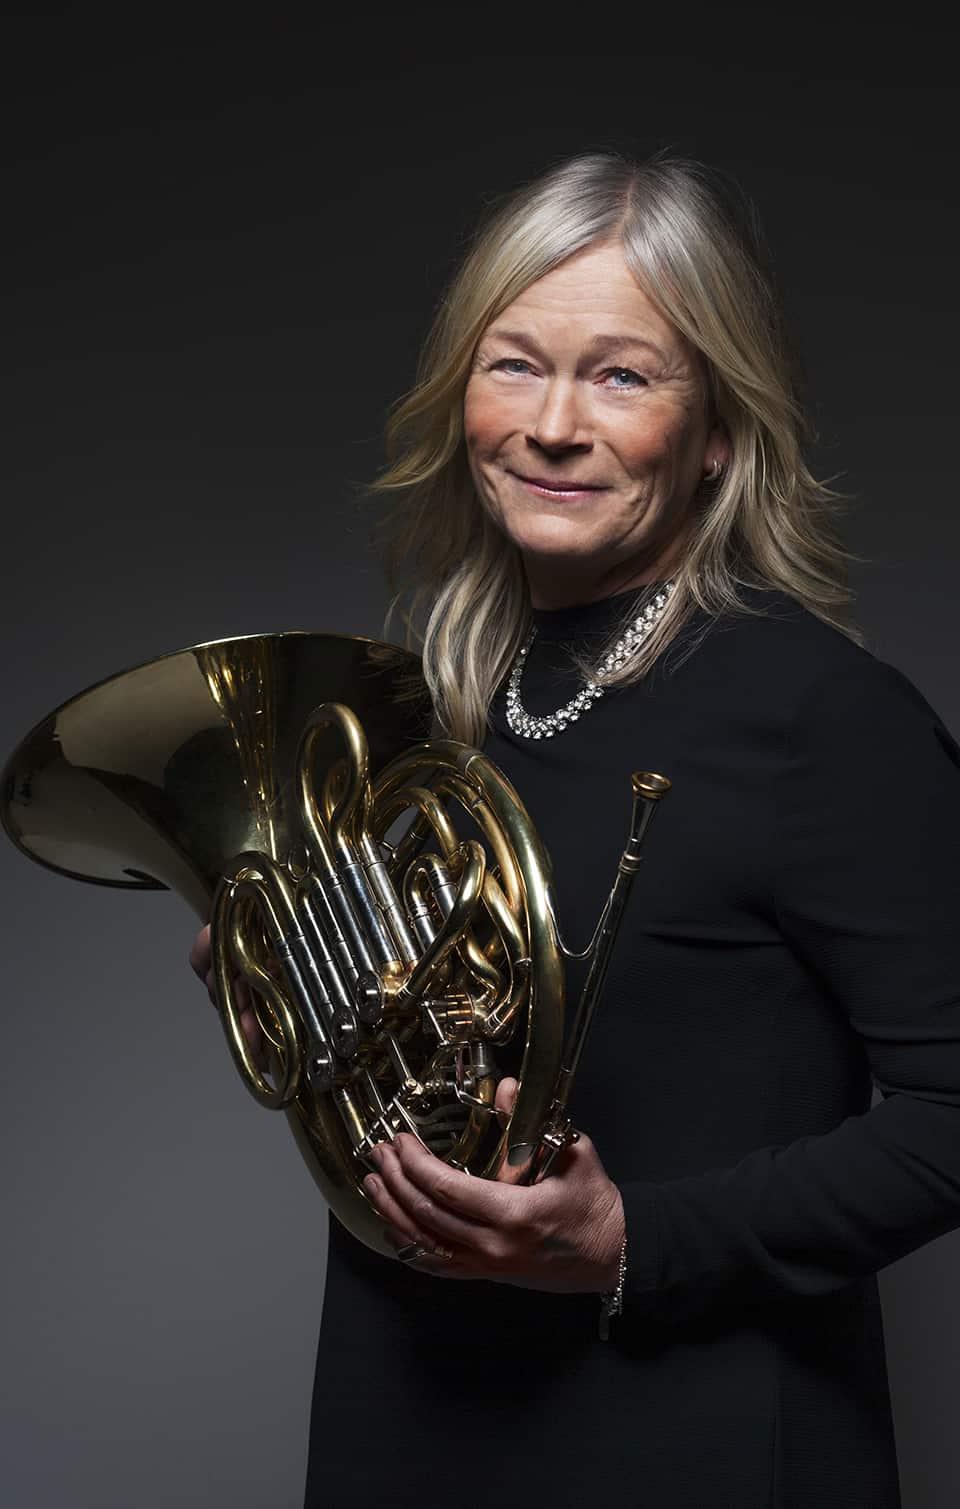 Eva Störholt, valthorn